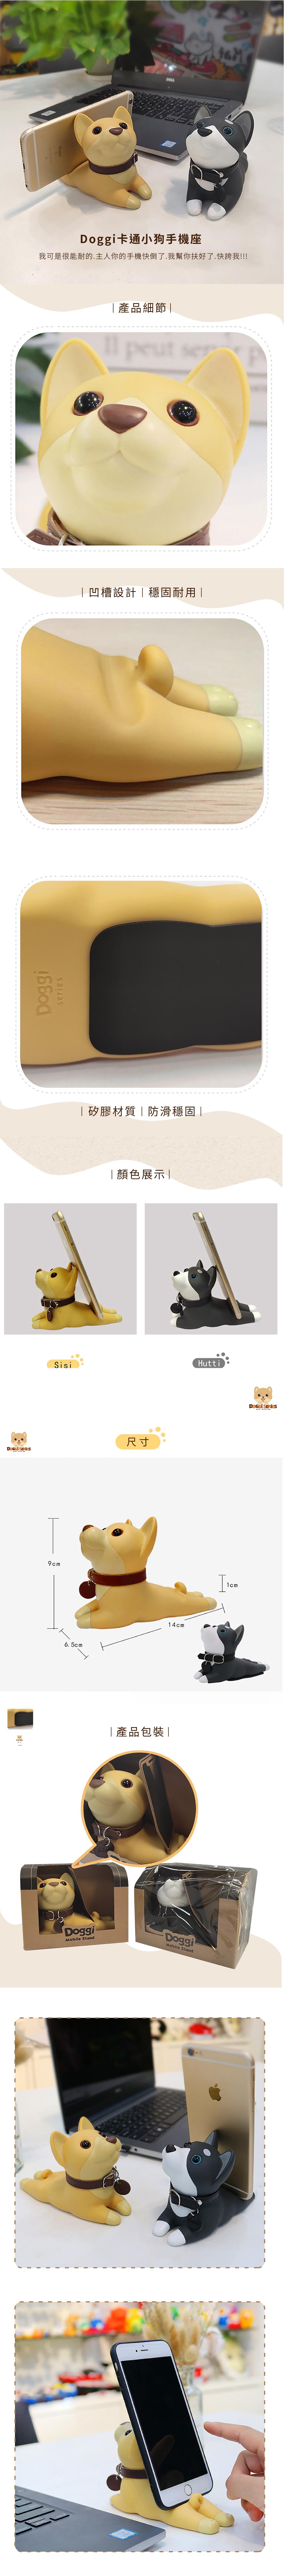 小狗手機座-官網-10.jpg